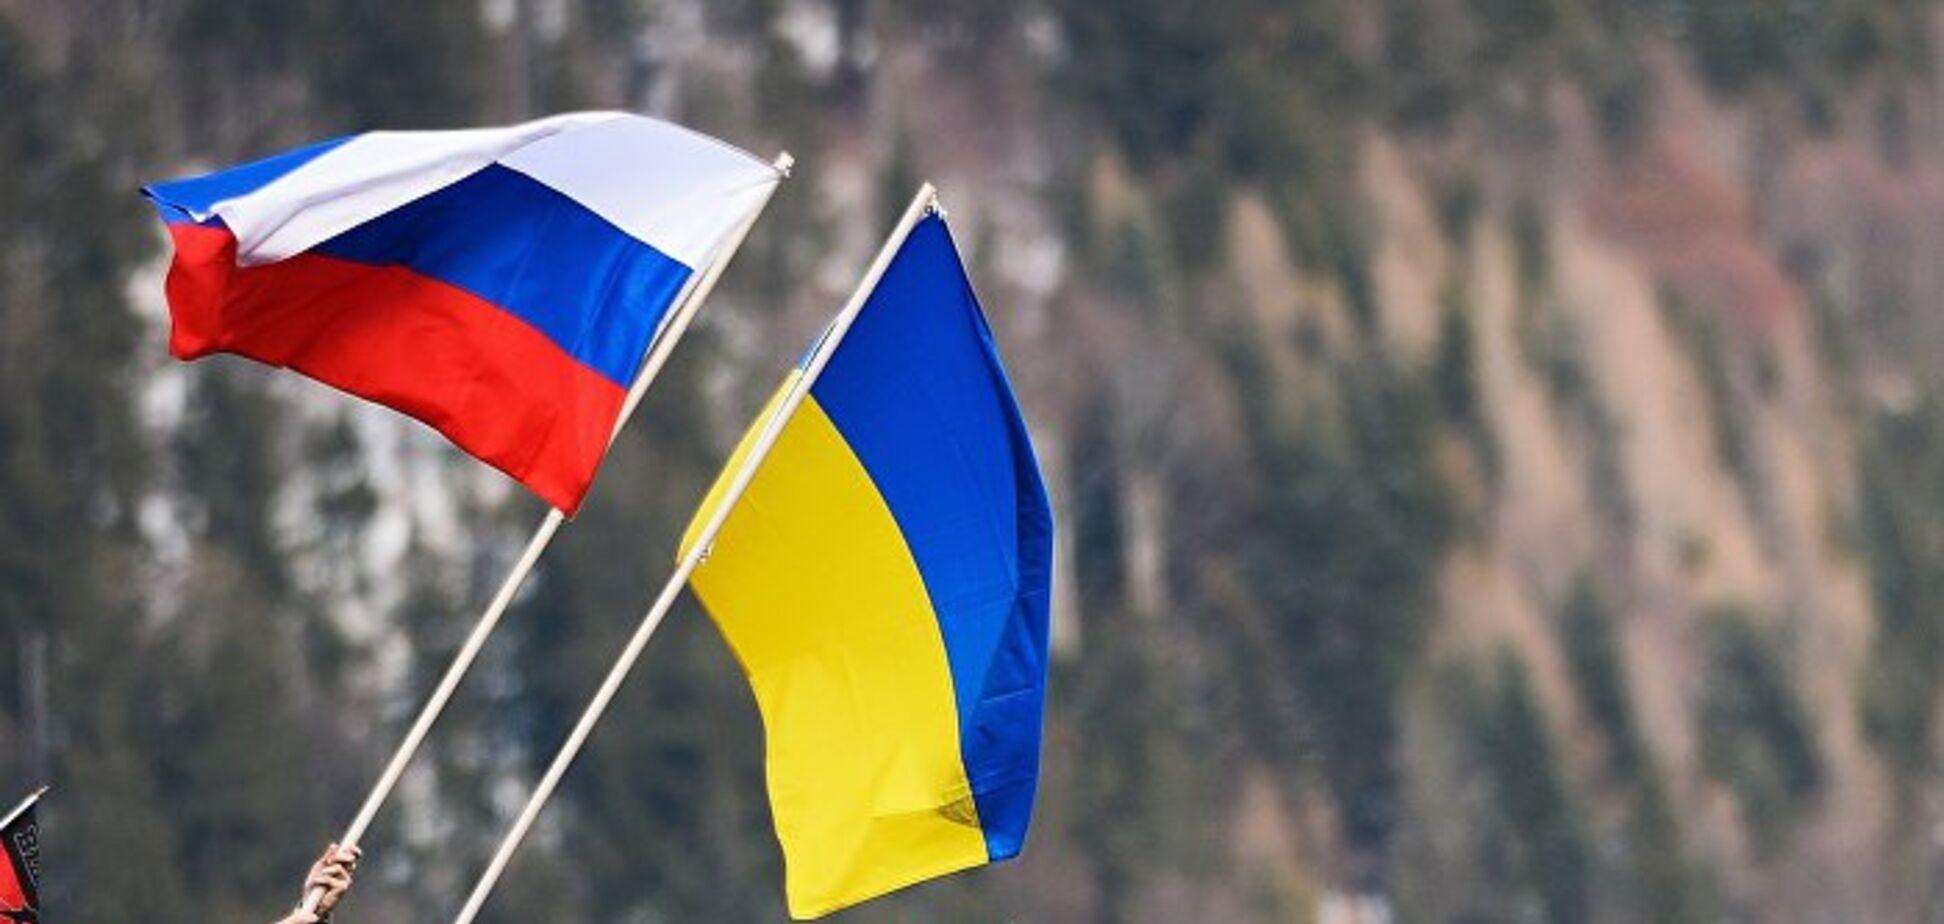 Объединить Украину и Россию: оппозиционер ответил 'убогому' пропагандисту